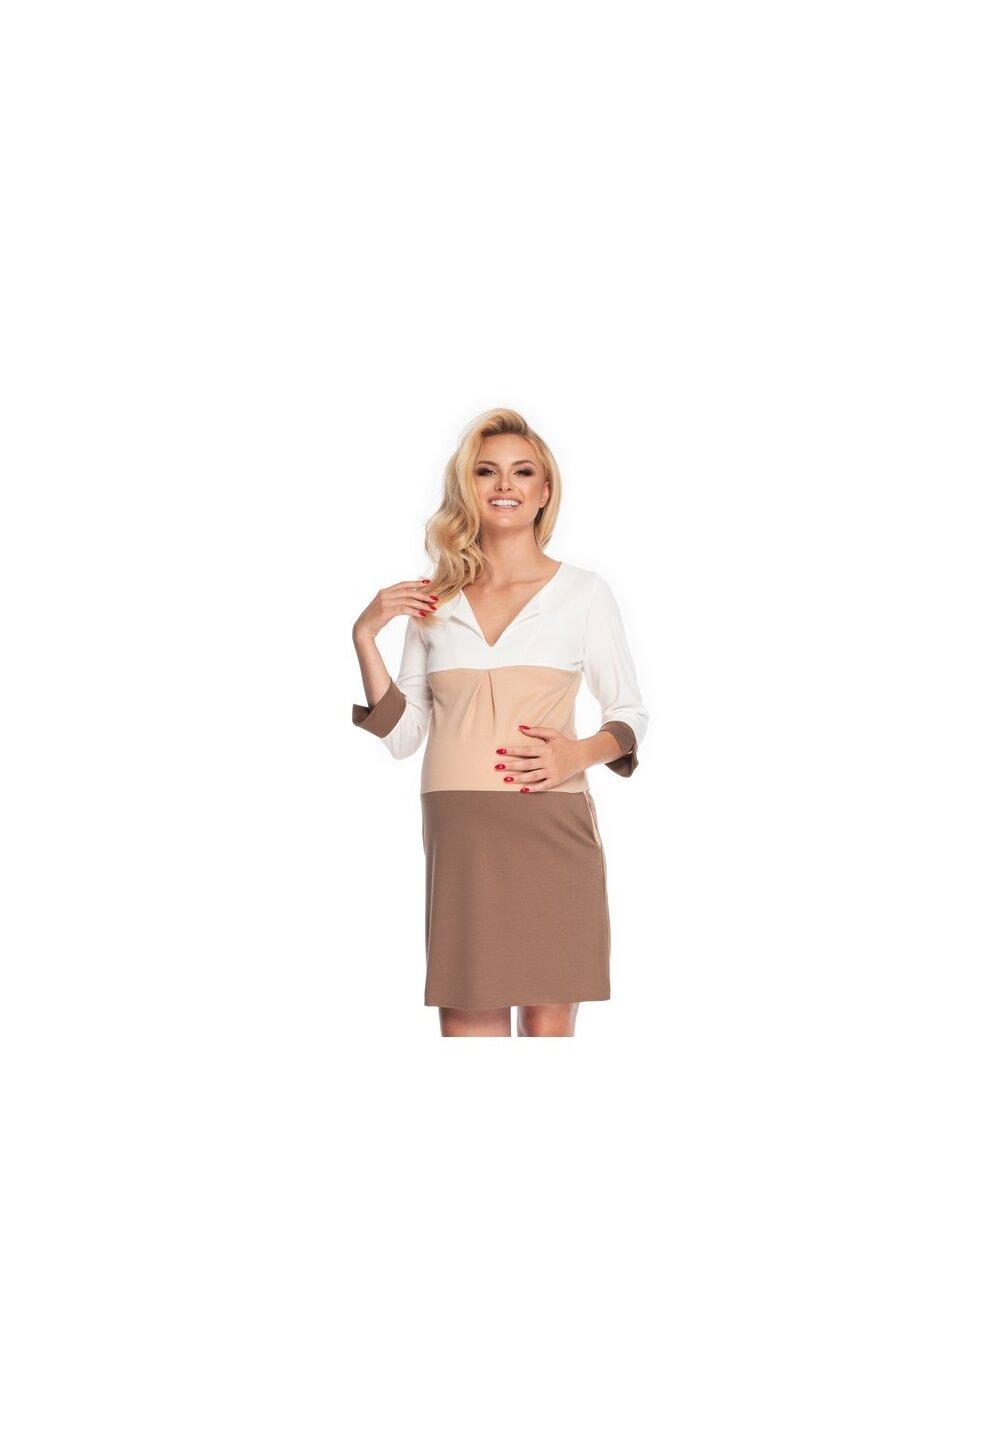 Rochie gravide, maneci 3/4, cappuccino imagine